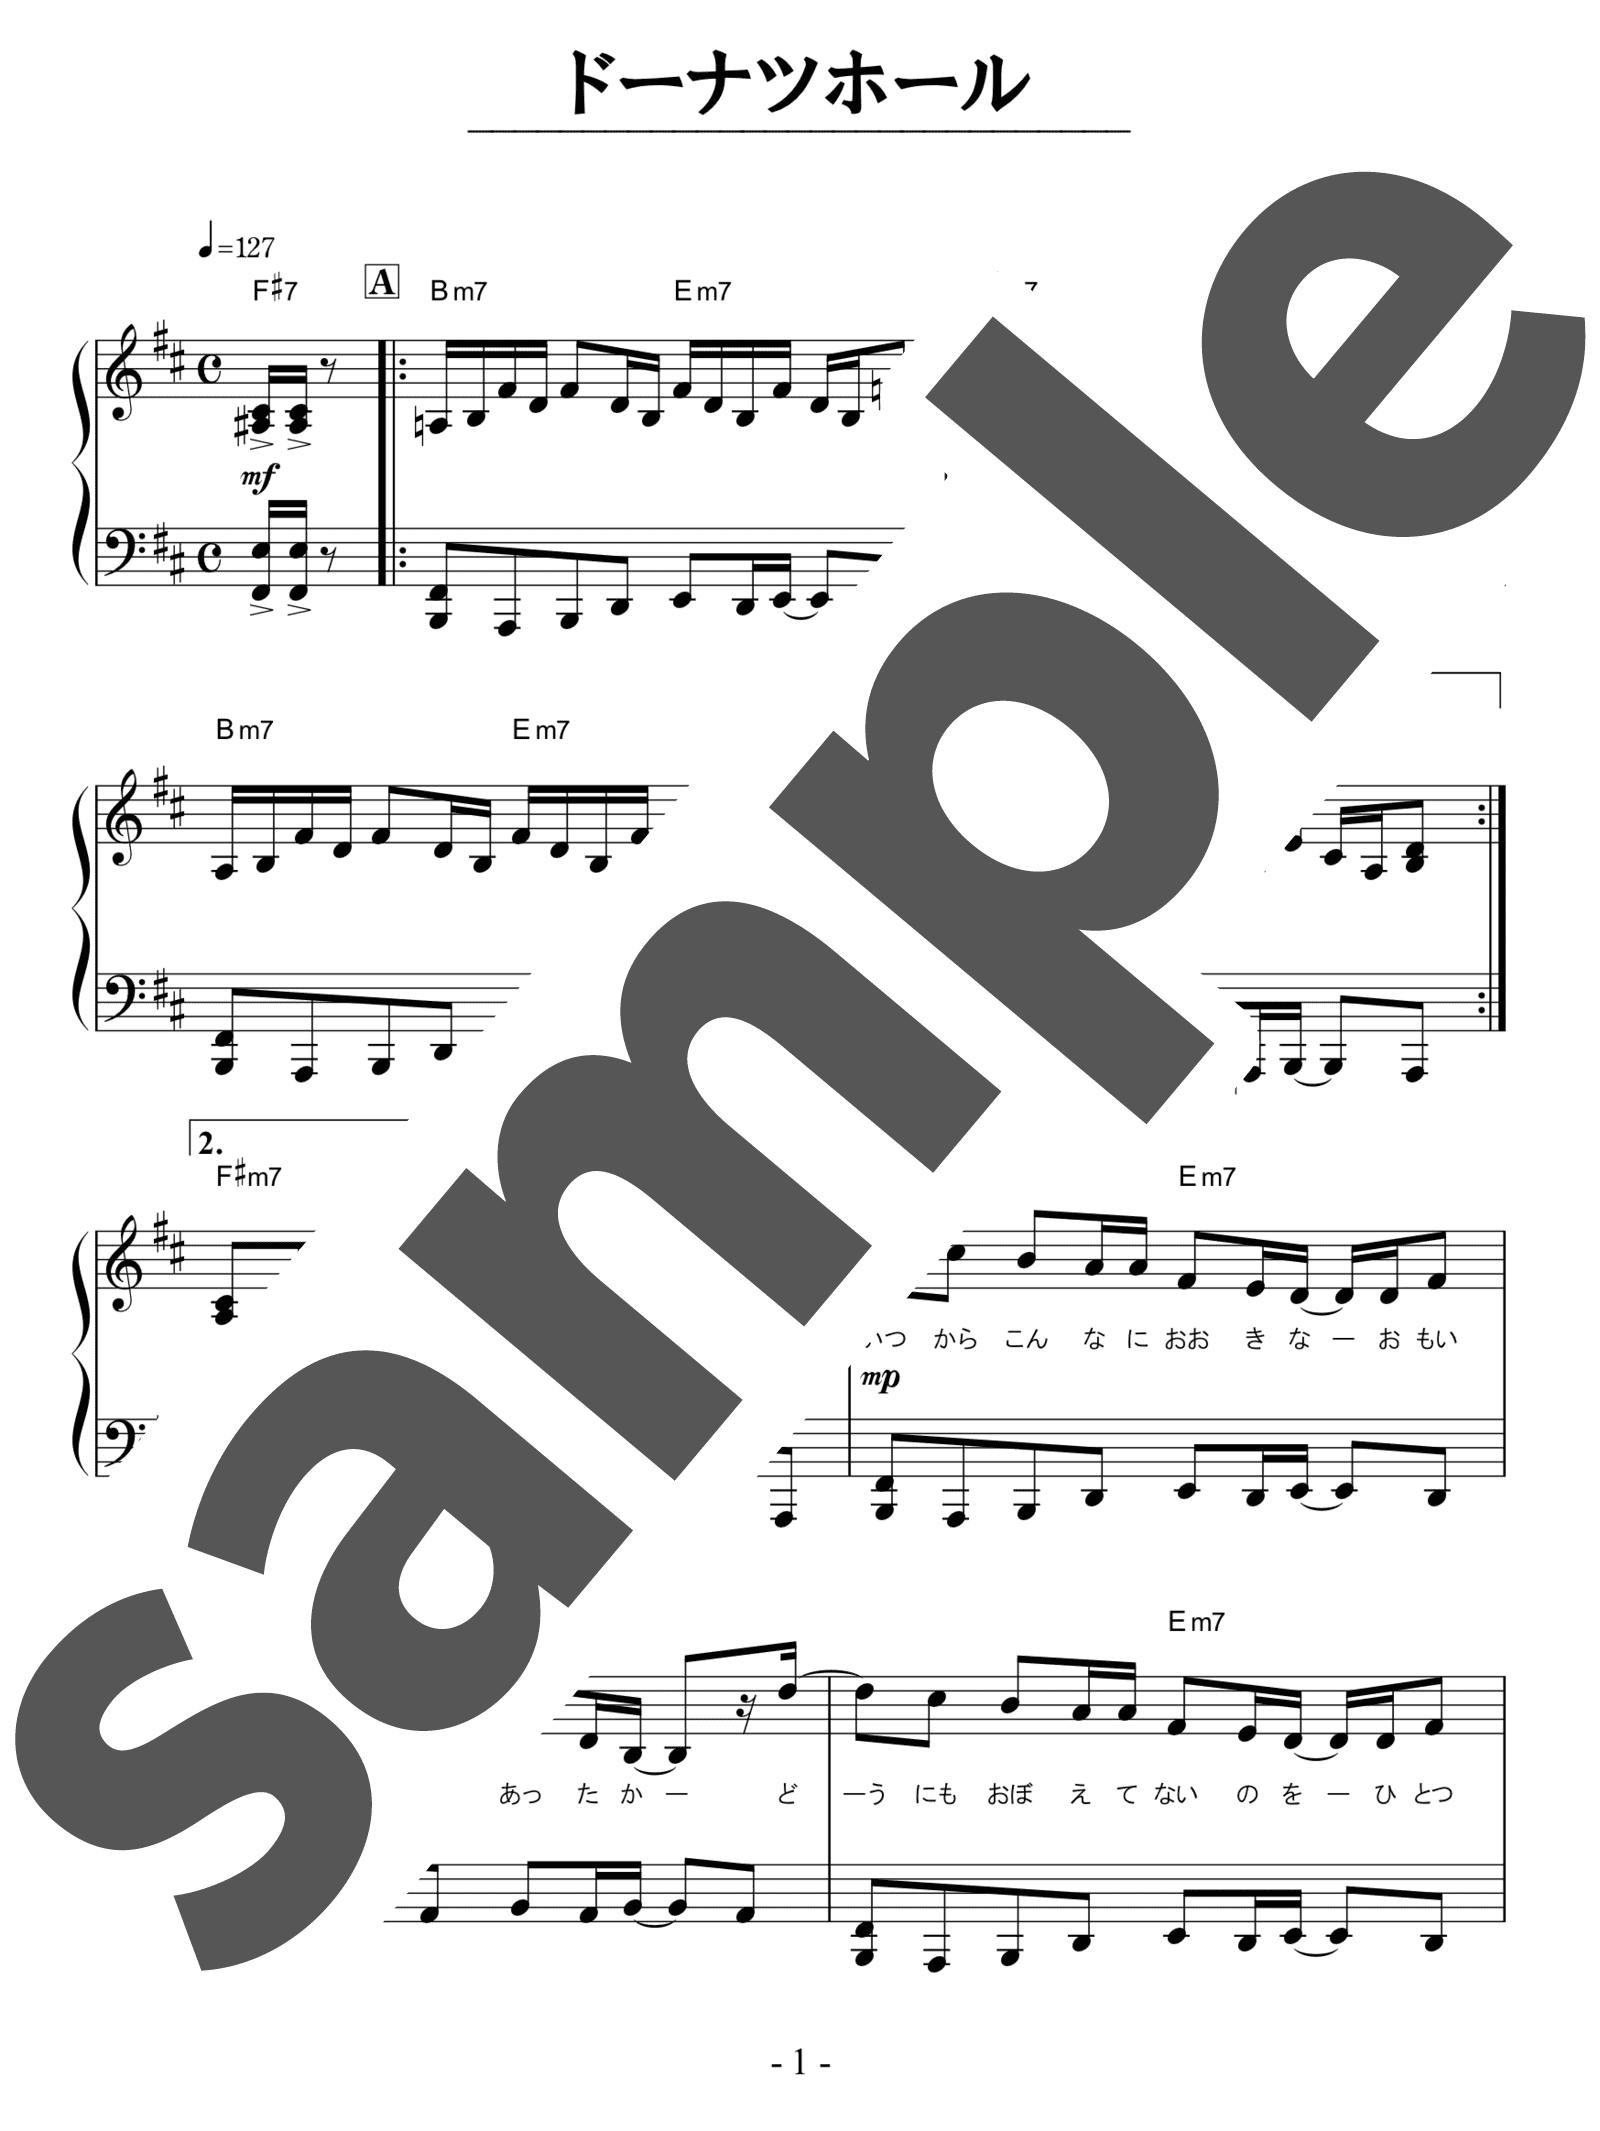 「ドーナツホール」のサンプル楽譜